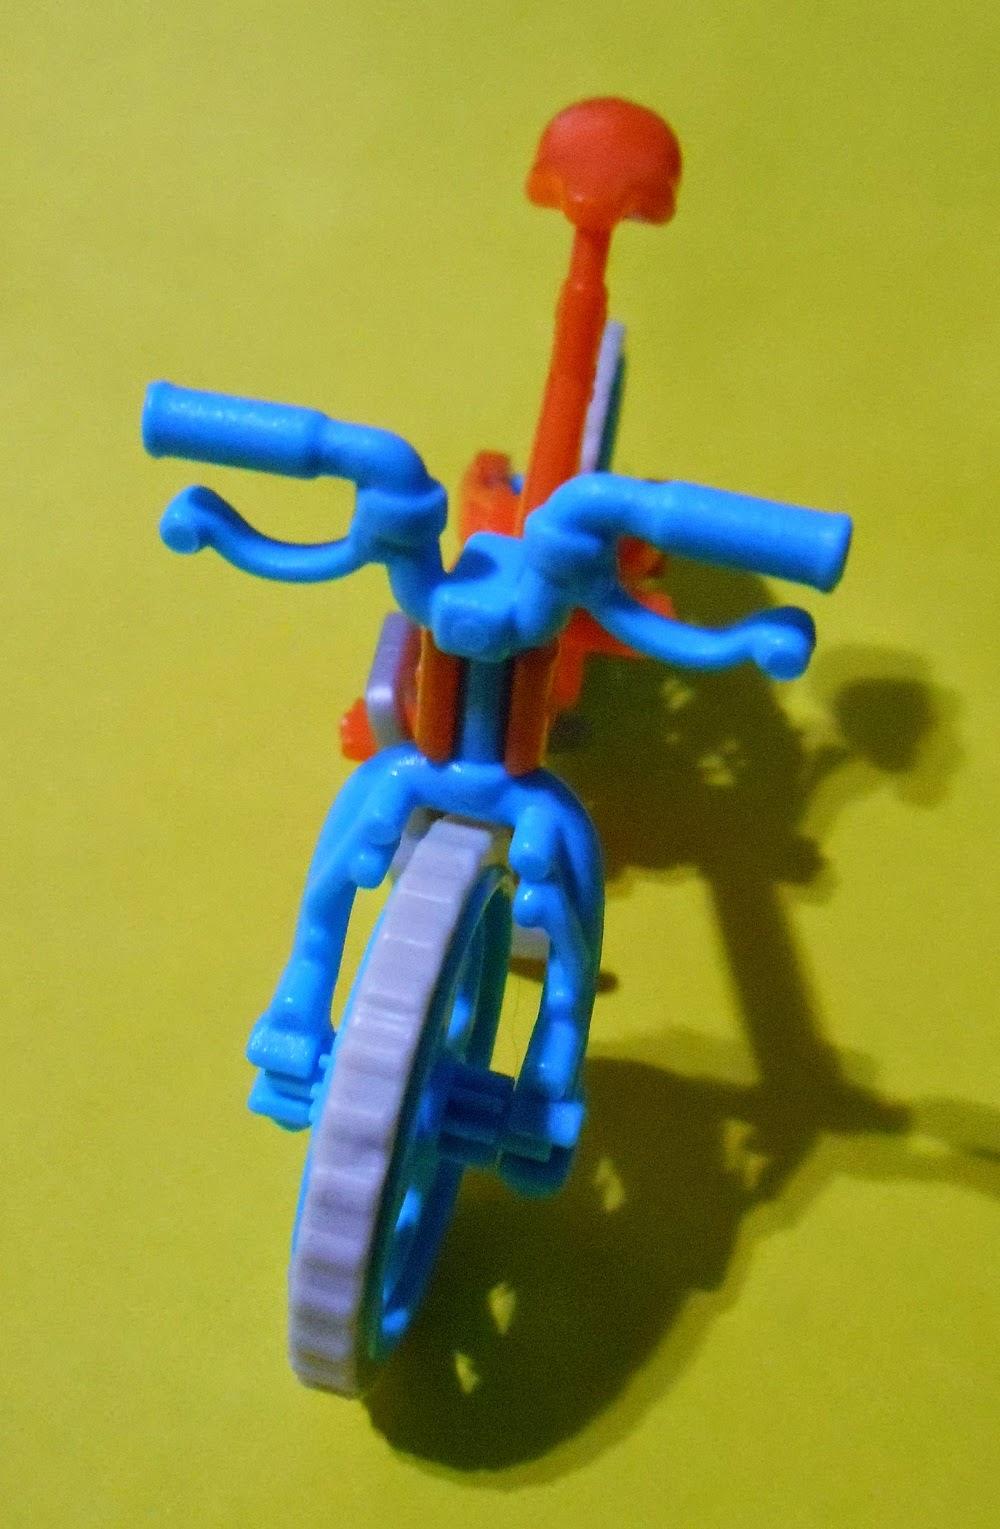 bici huevo kinder